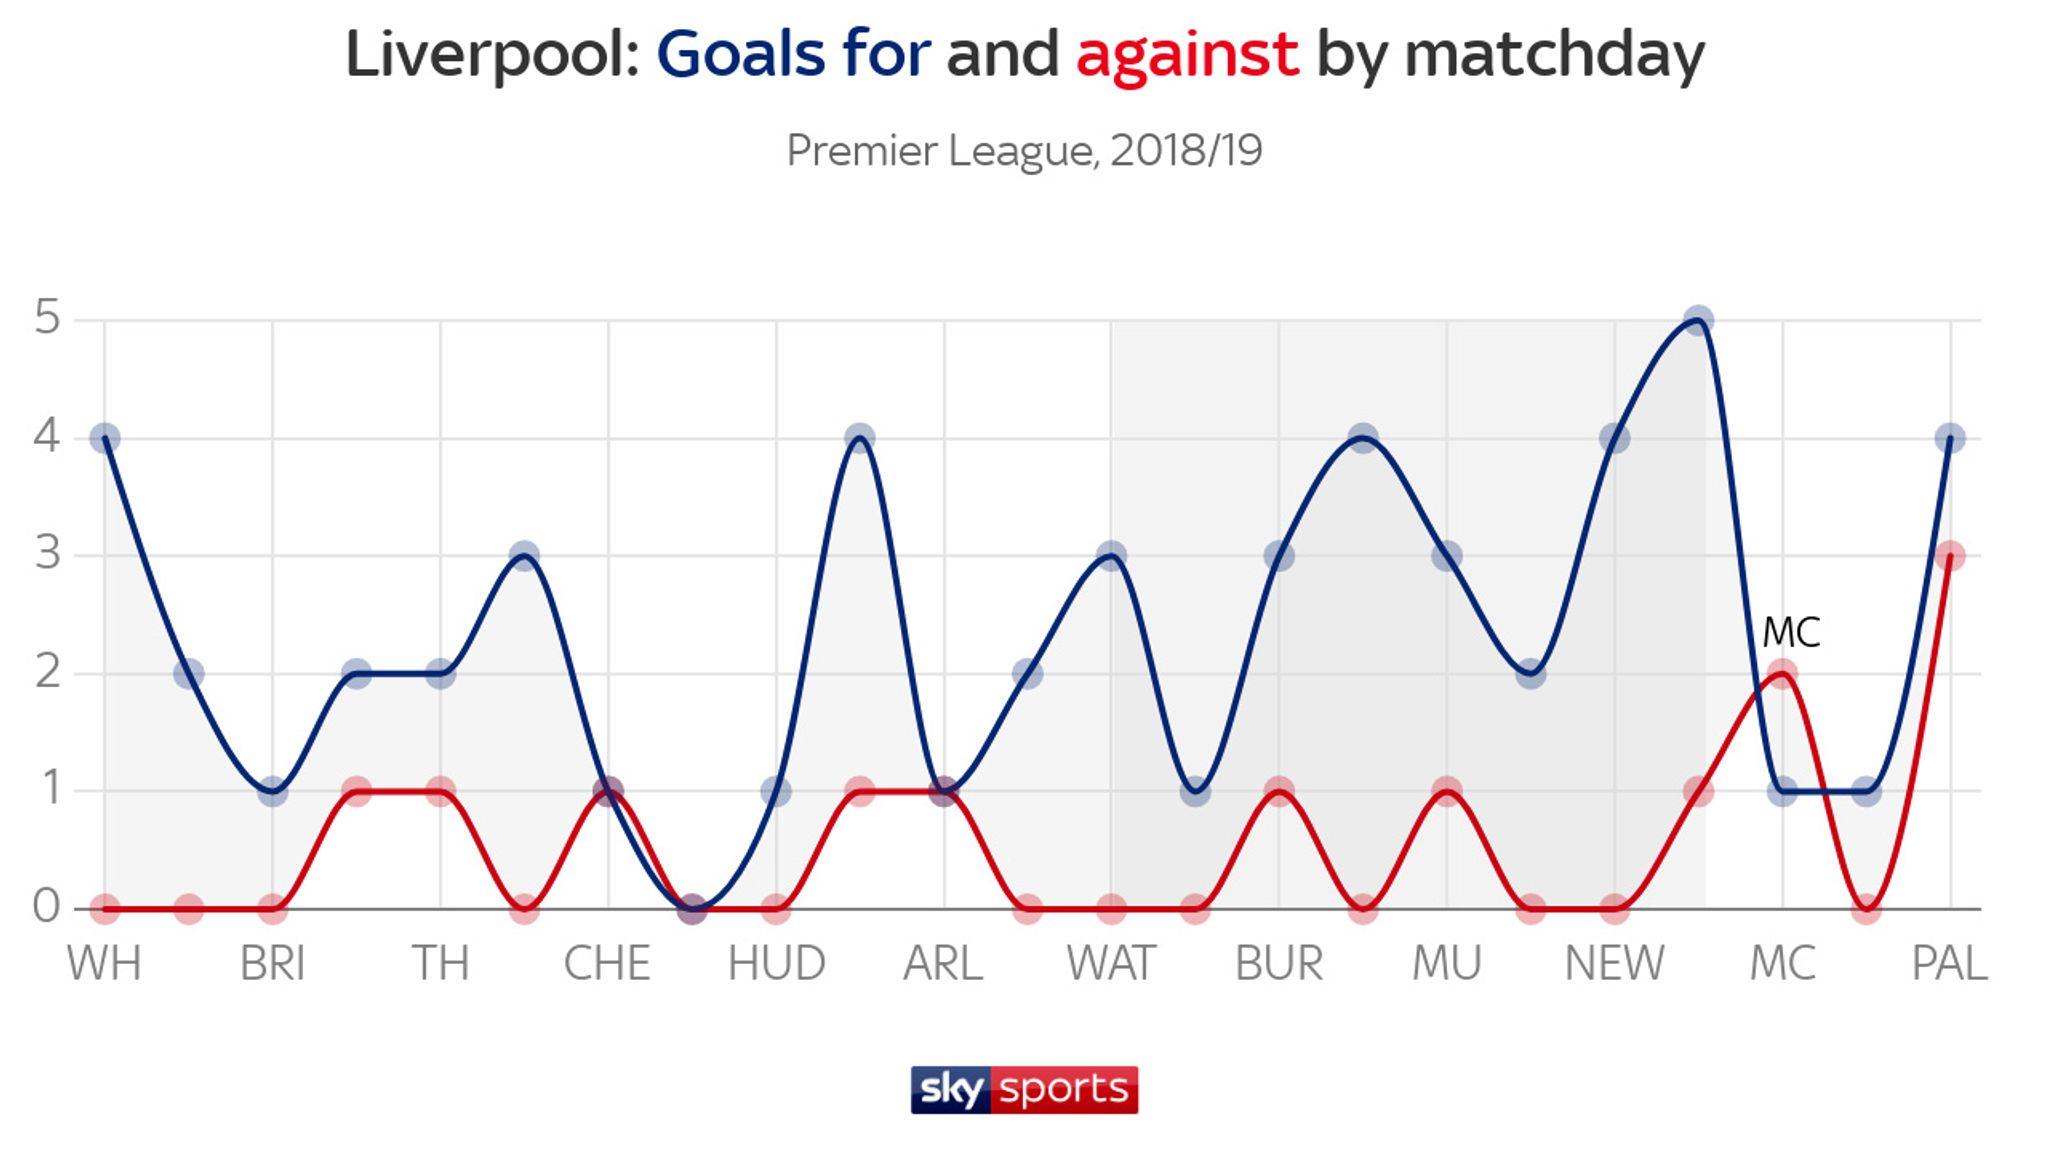 Liverpool and Manchester City's Premier League title chances